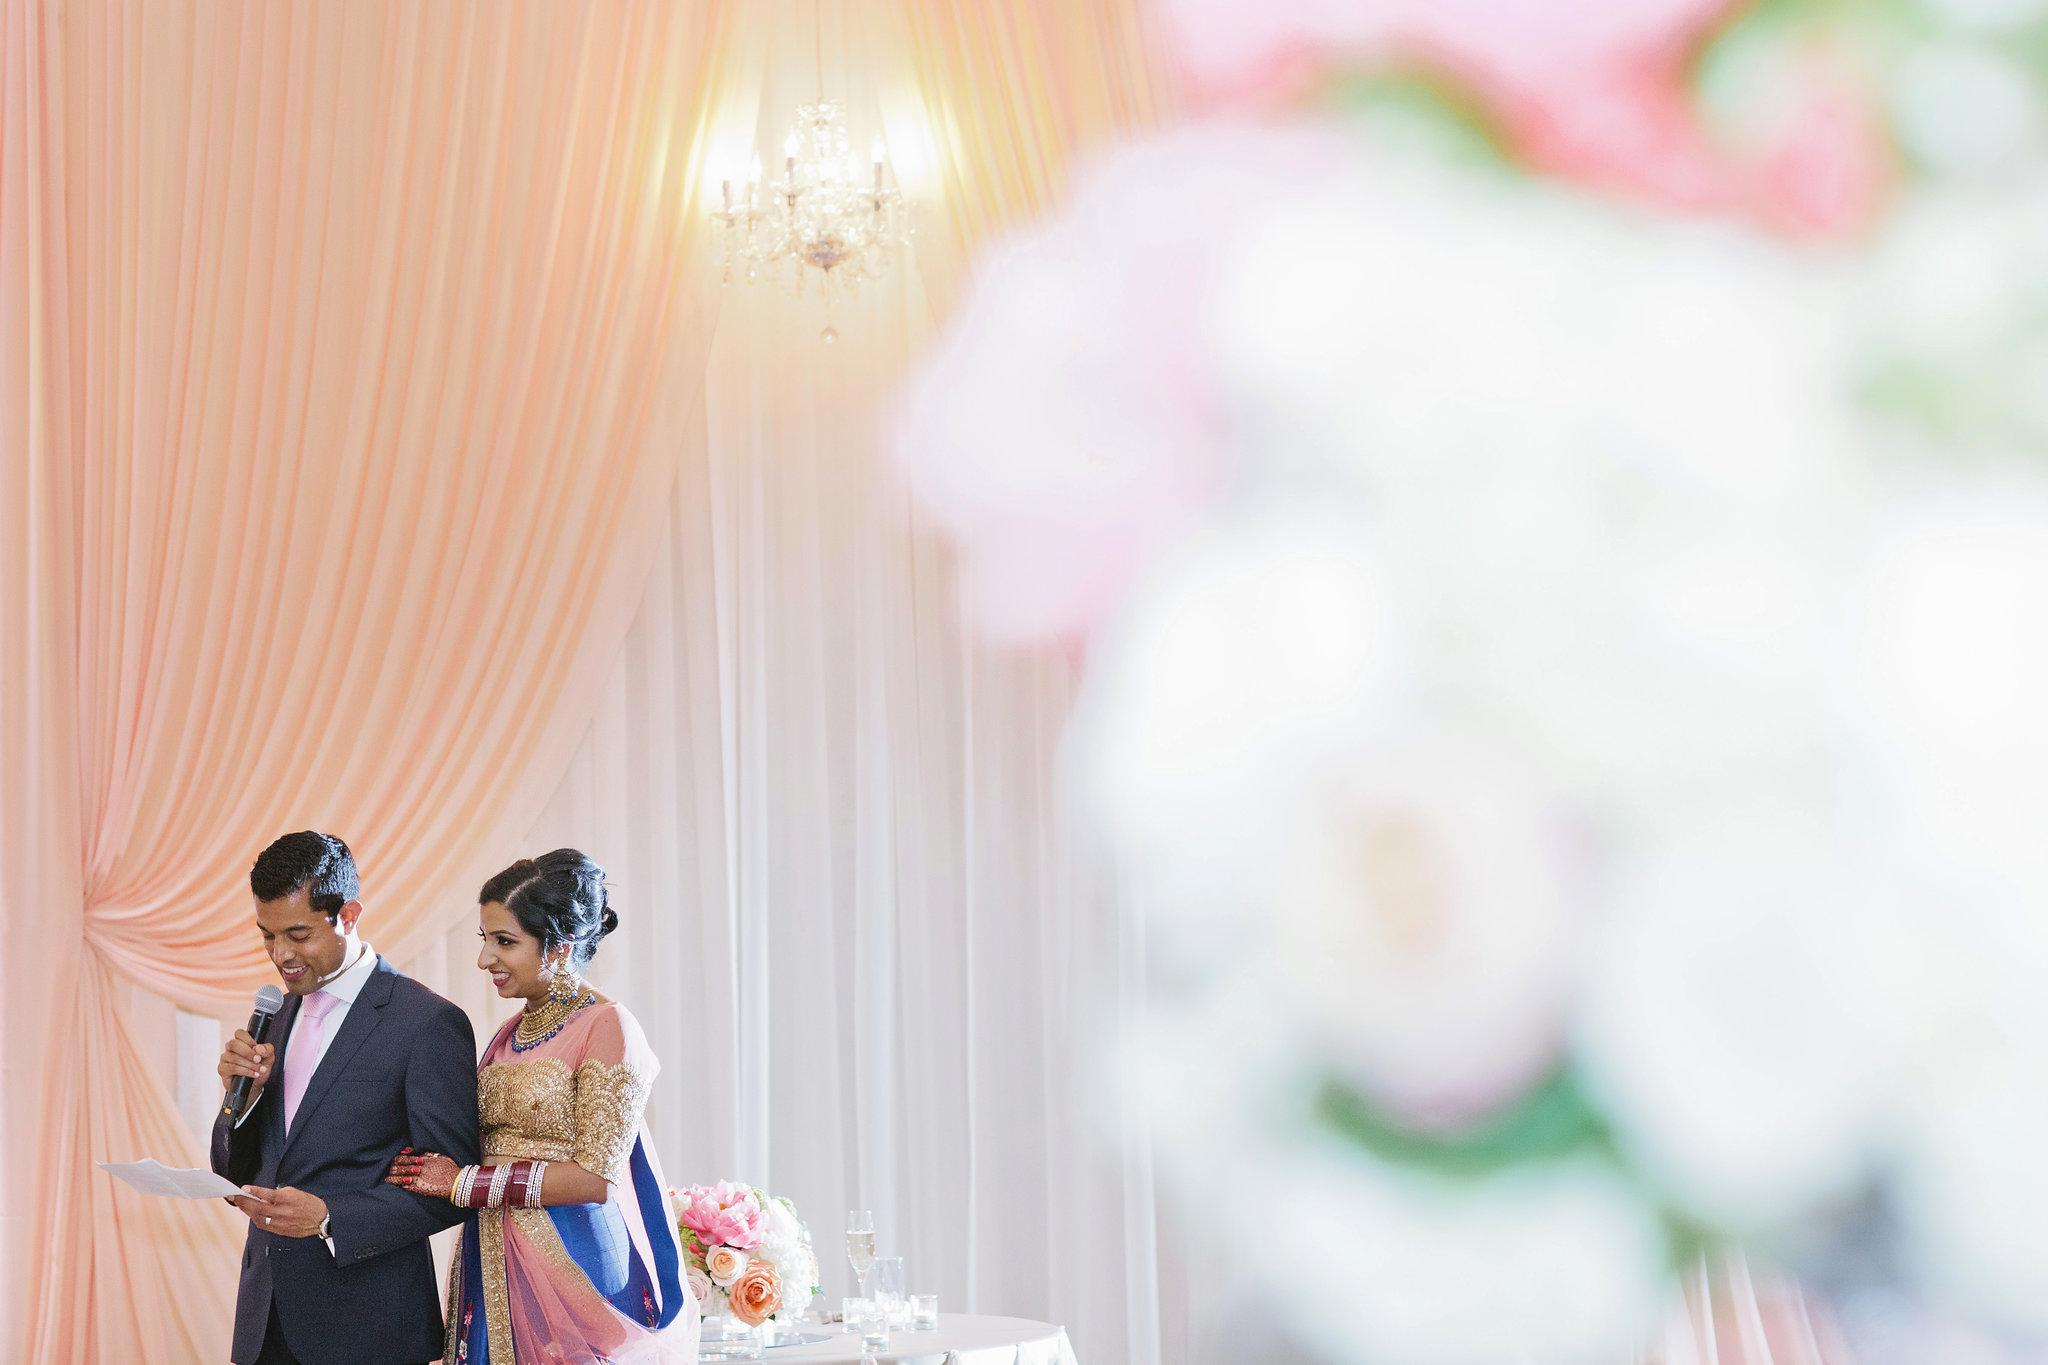 Castlewood-Country-Club-Wedding-061.JPG